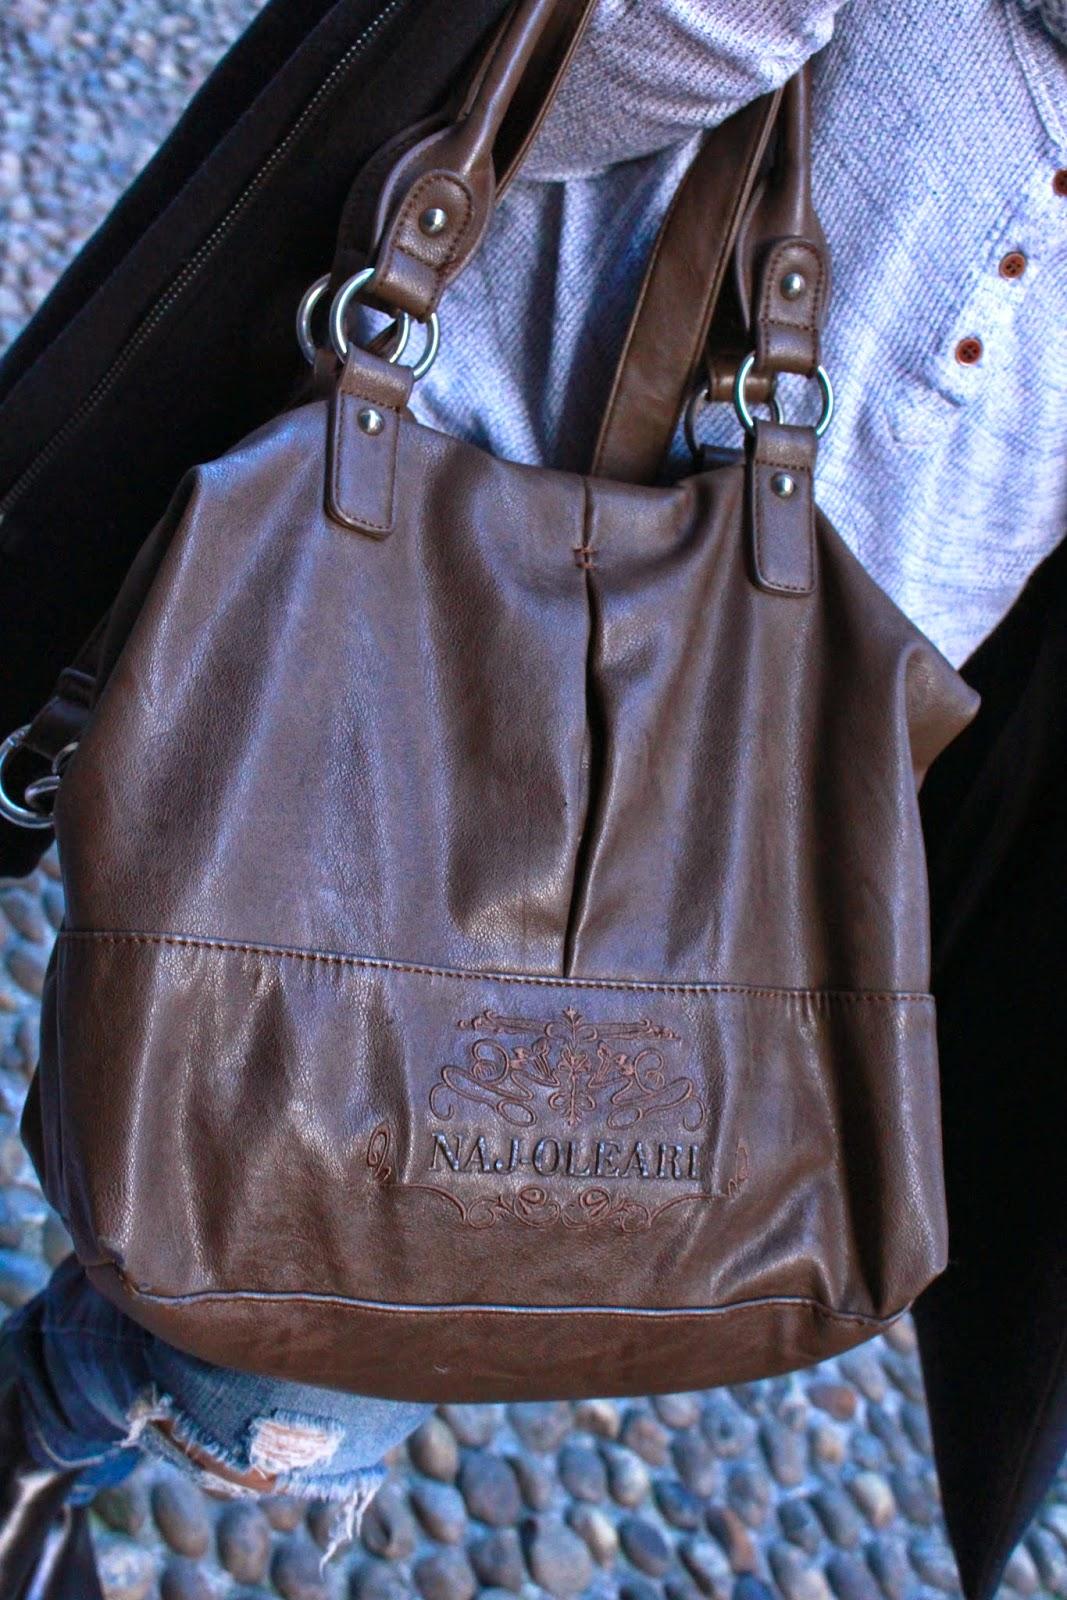 Naj Oleari Bag